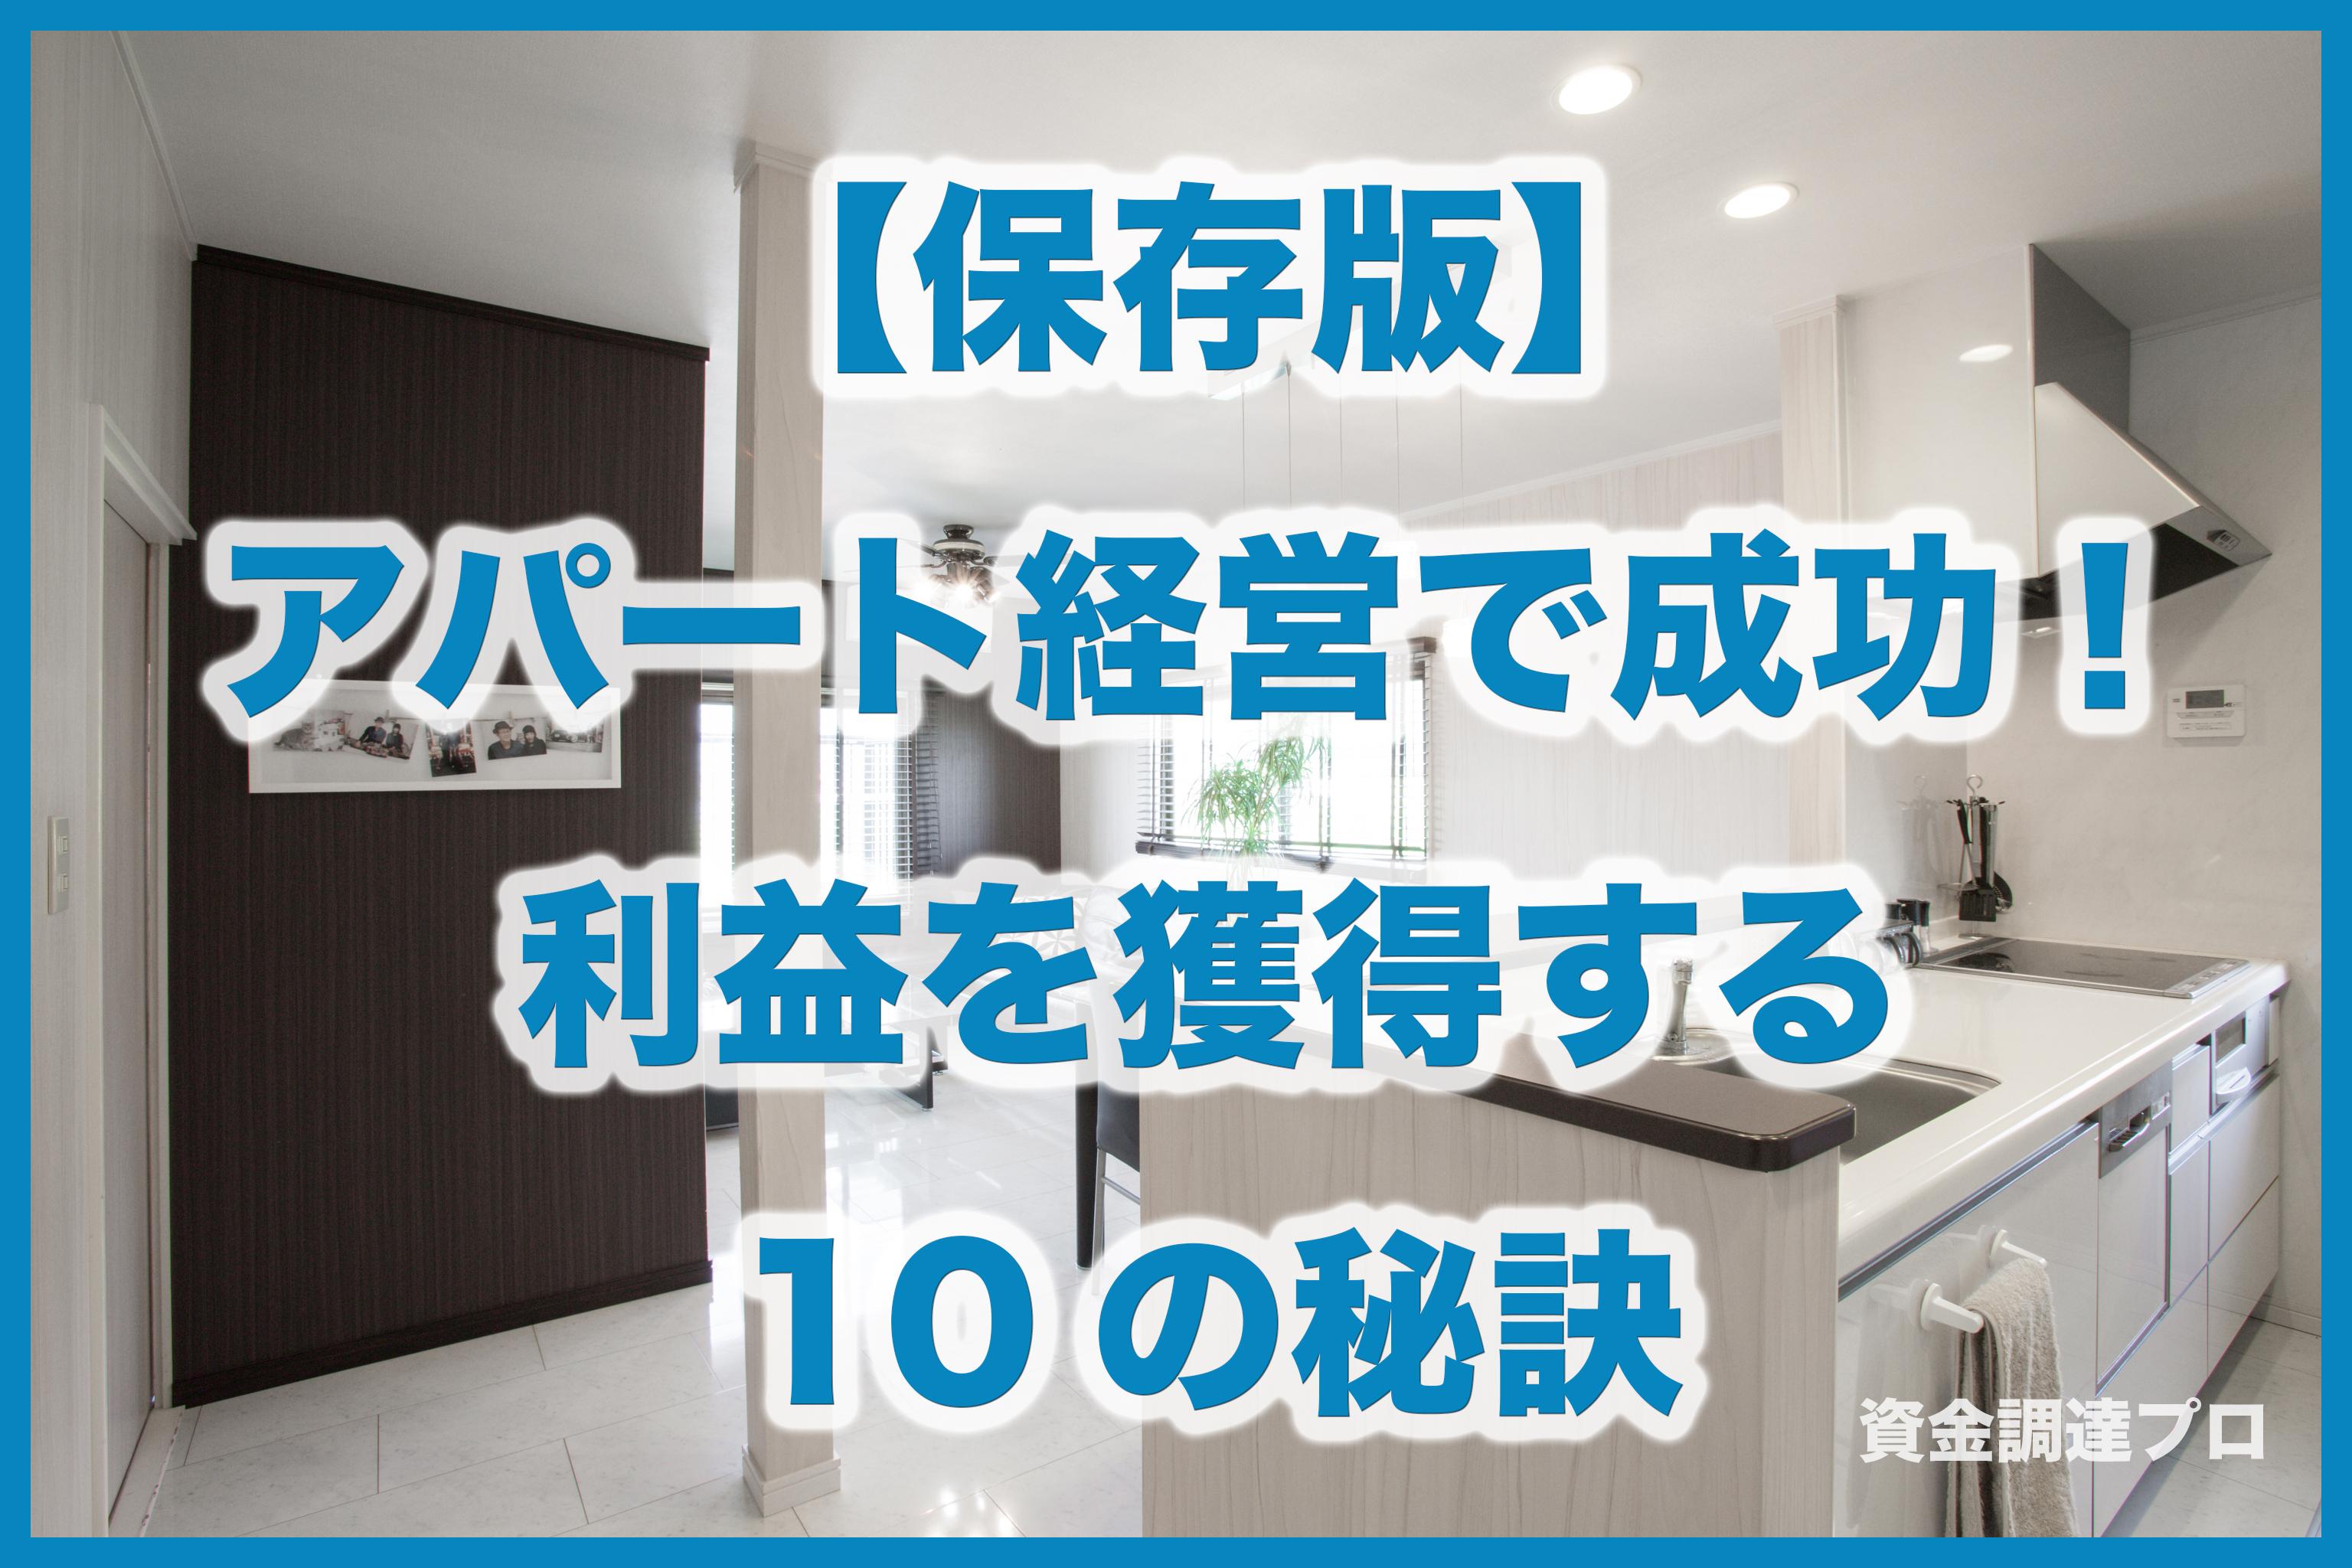 【保存版】アパート経営で成功&利益を獲得する10の秘訣|不動産投資で資産運用を成功させよう!